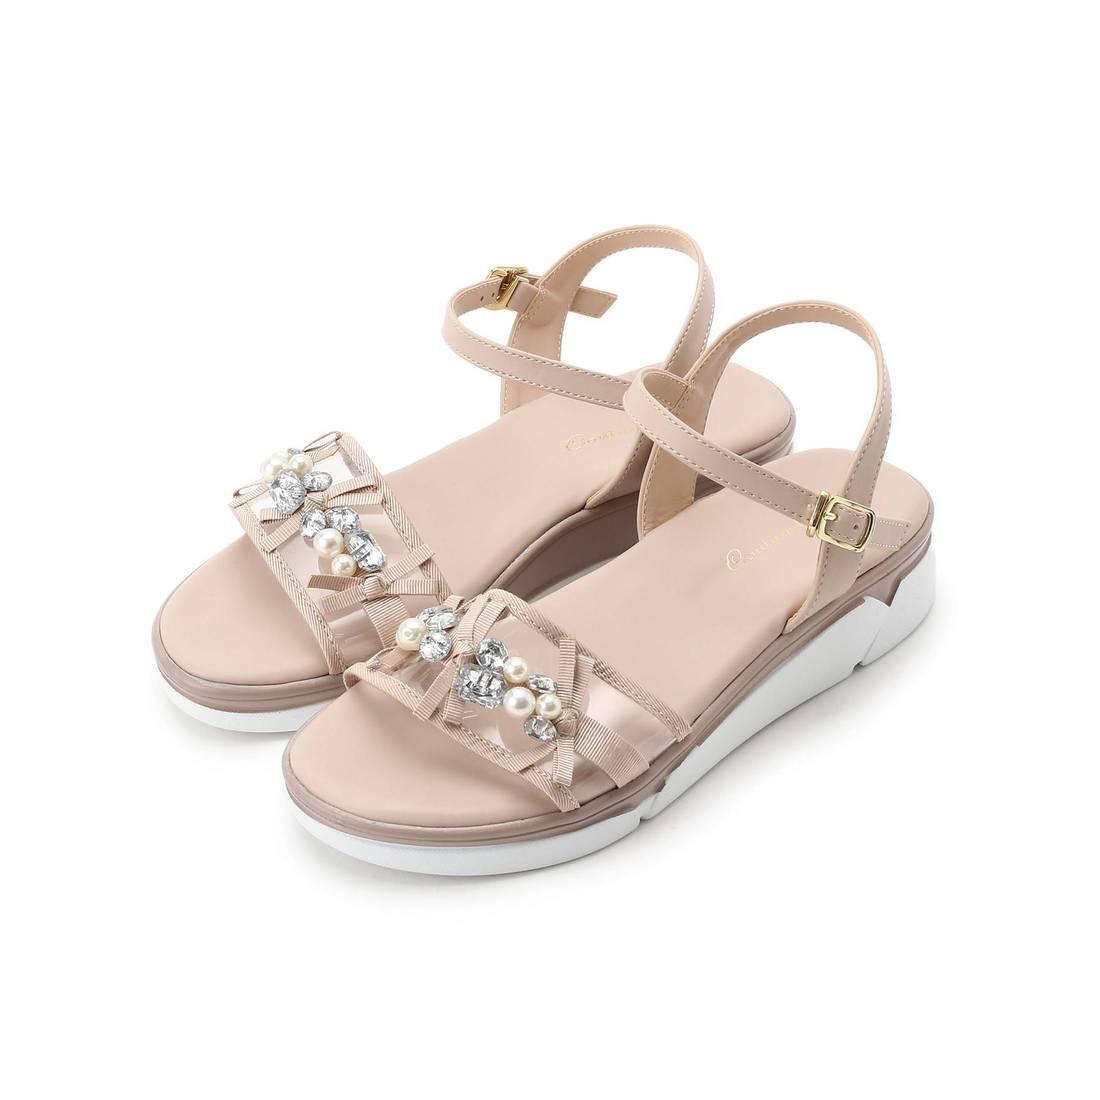 6d878fd752ddab クチュール ブローチ Couture brooch ビジューリボンスポサン (ベージュ) -靴&ファッション通販 ロコンド〜自宅で試着、気軽に返品